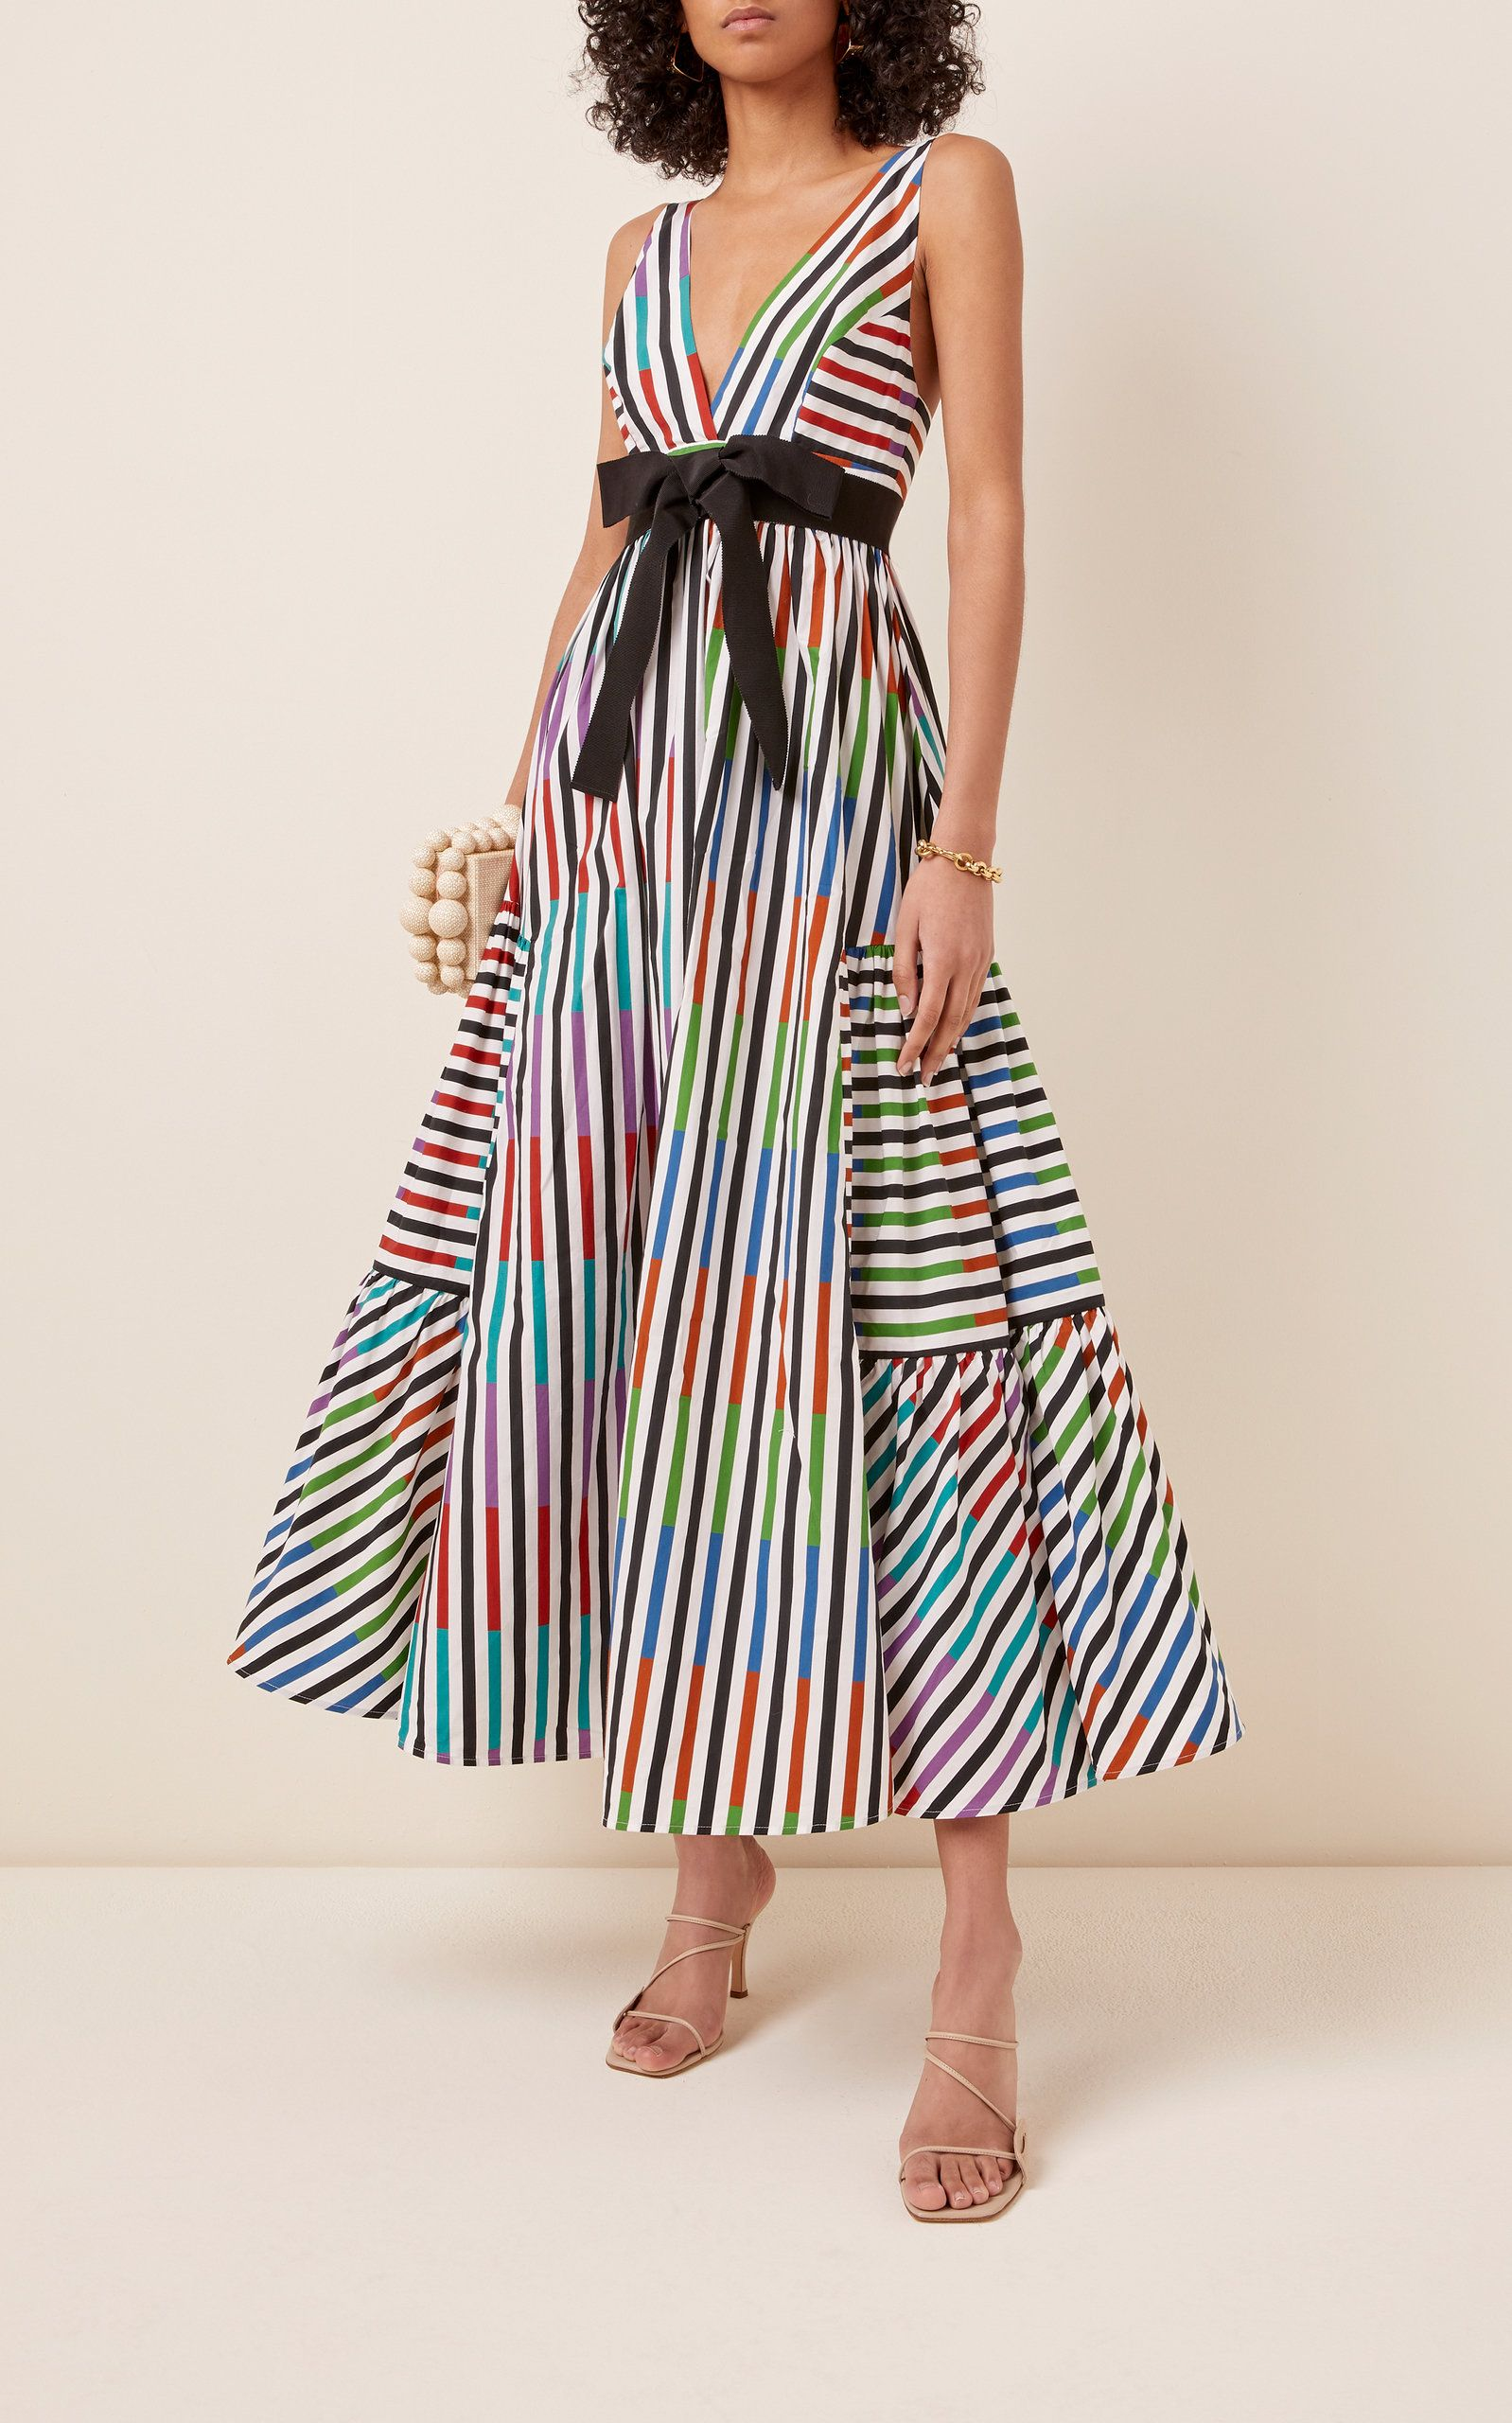 Catalina Del Mar Striped Cotton Maxi Dress By Silvia Tcherassi Moda Operandi Maxi Dress Cotton Maxi Dress Striped Maxi Dresses [ 2560 x 1598 Pixel ]